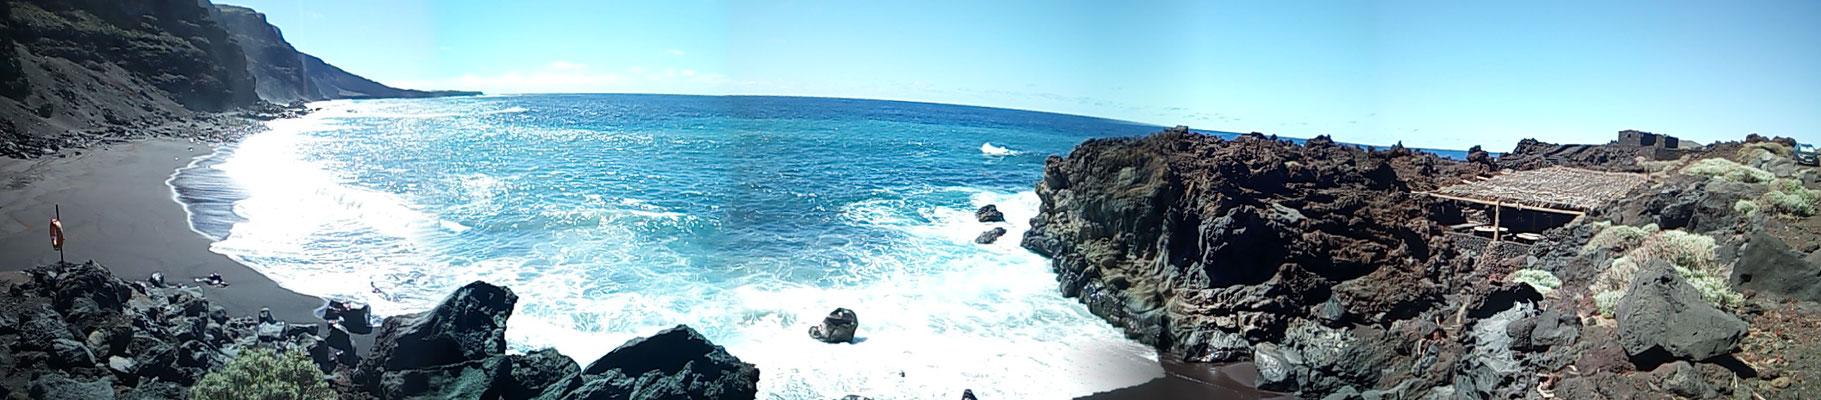 Playa de Verodal